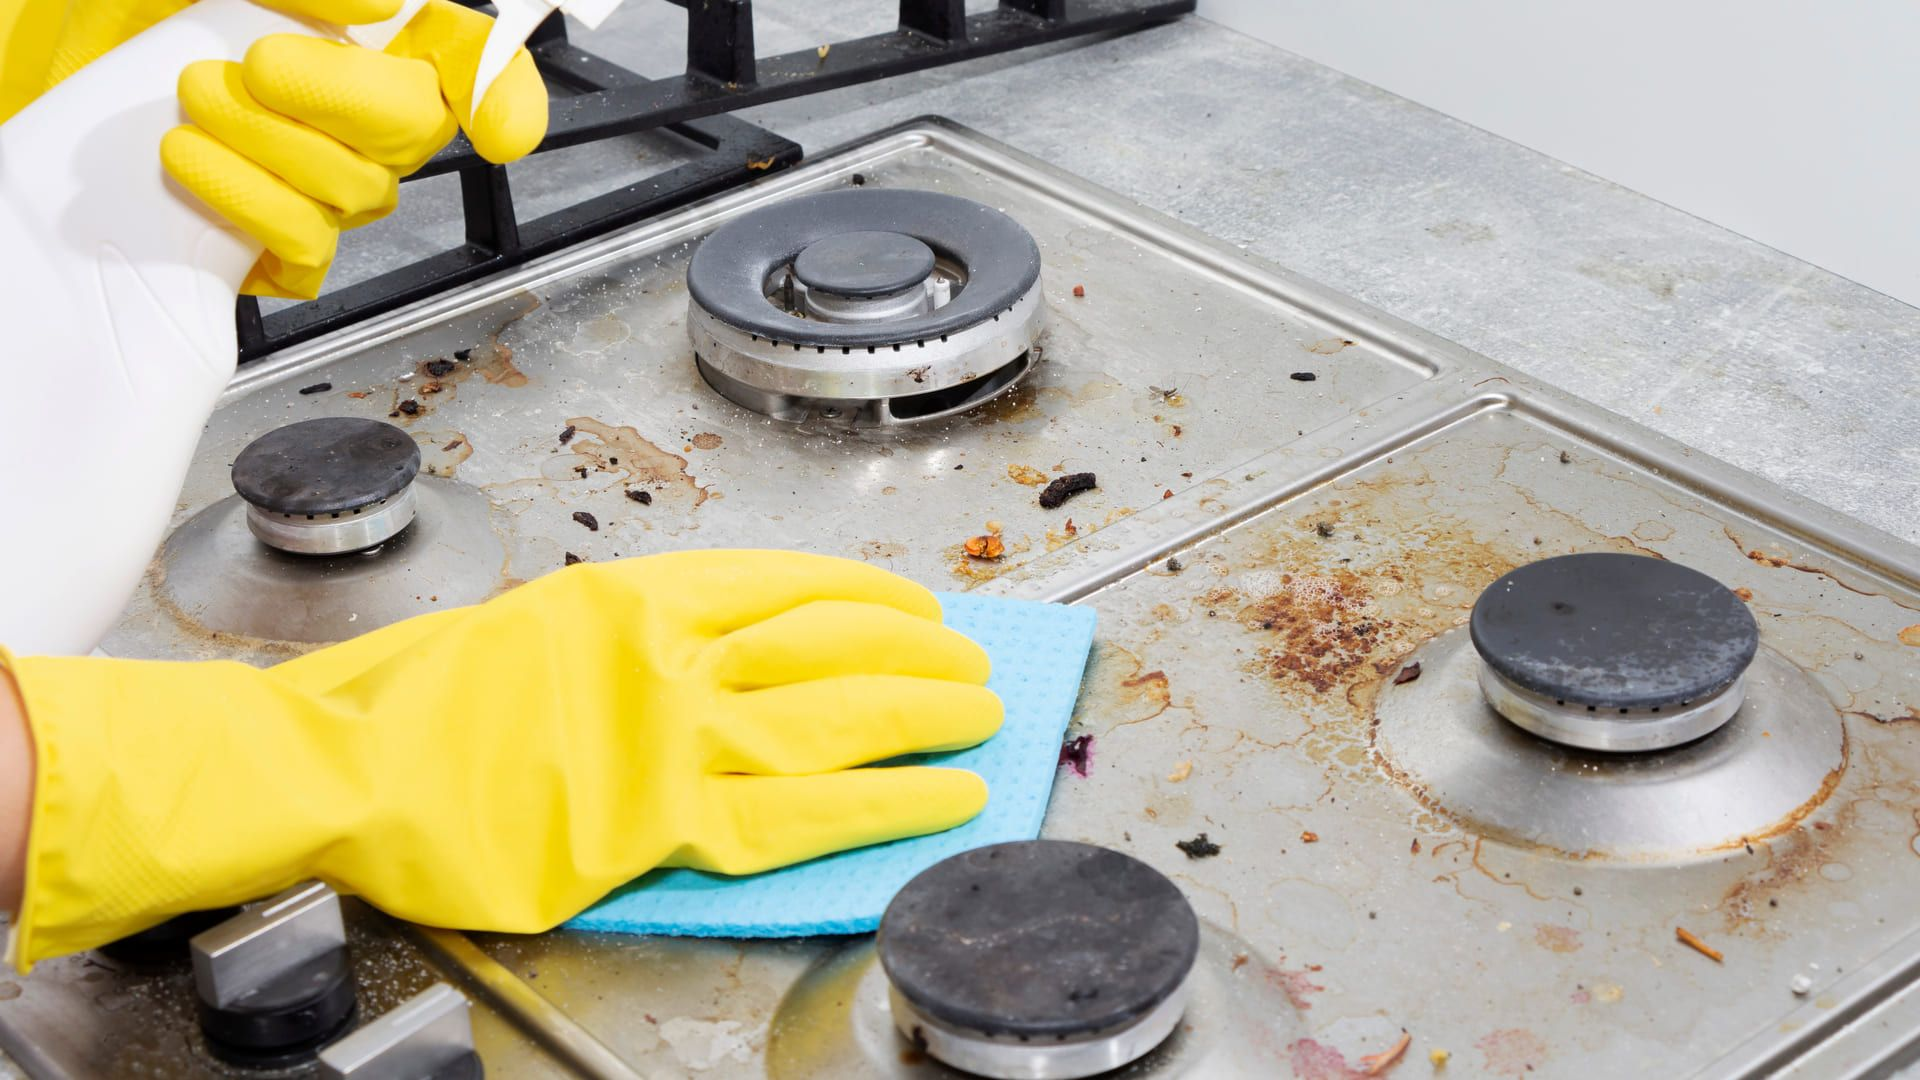 Lembre sempre de usar um pano ou esponja macios para não danificar seu fogão. (Imagem: Reprodução/Shutterstock)